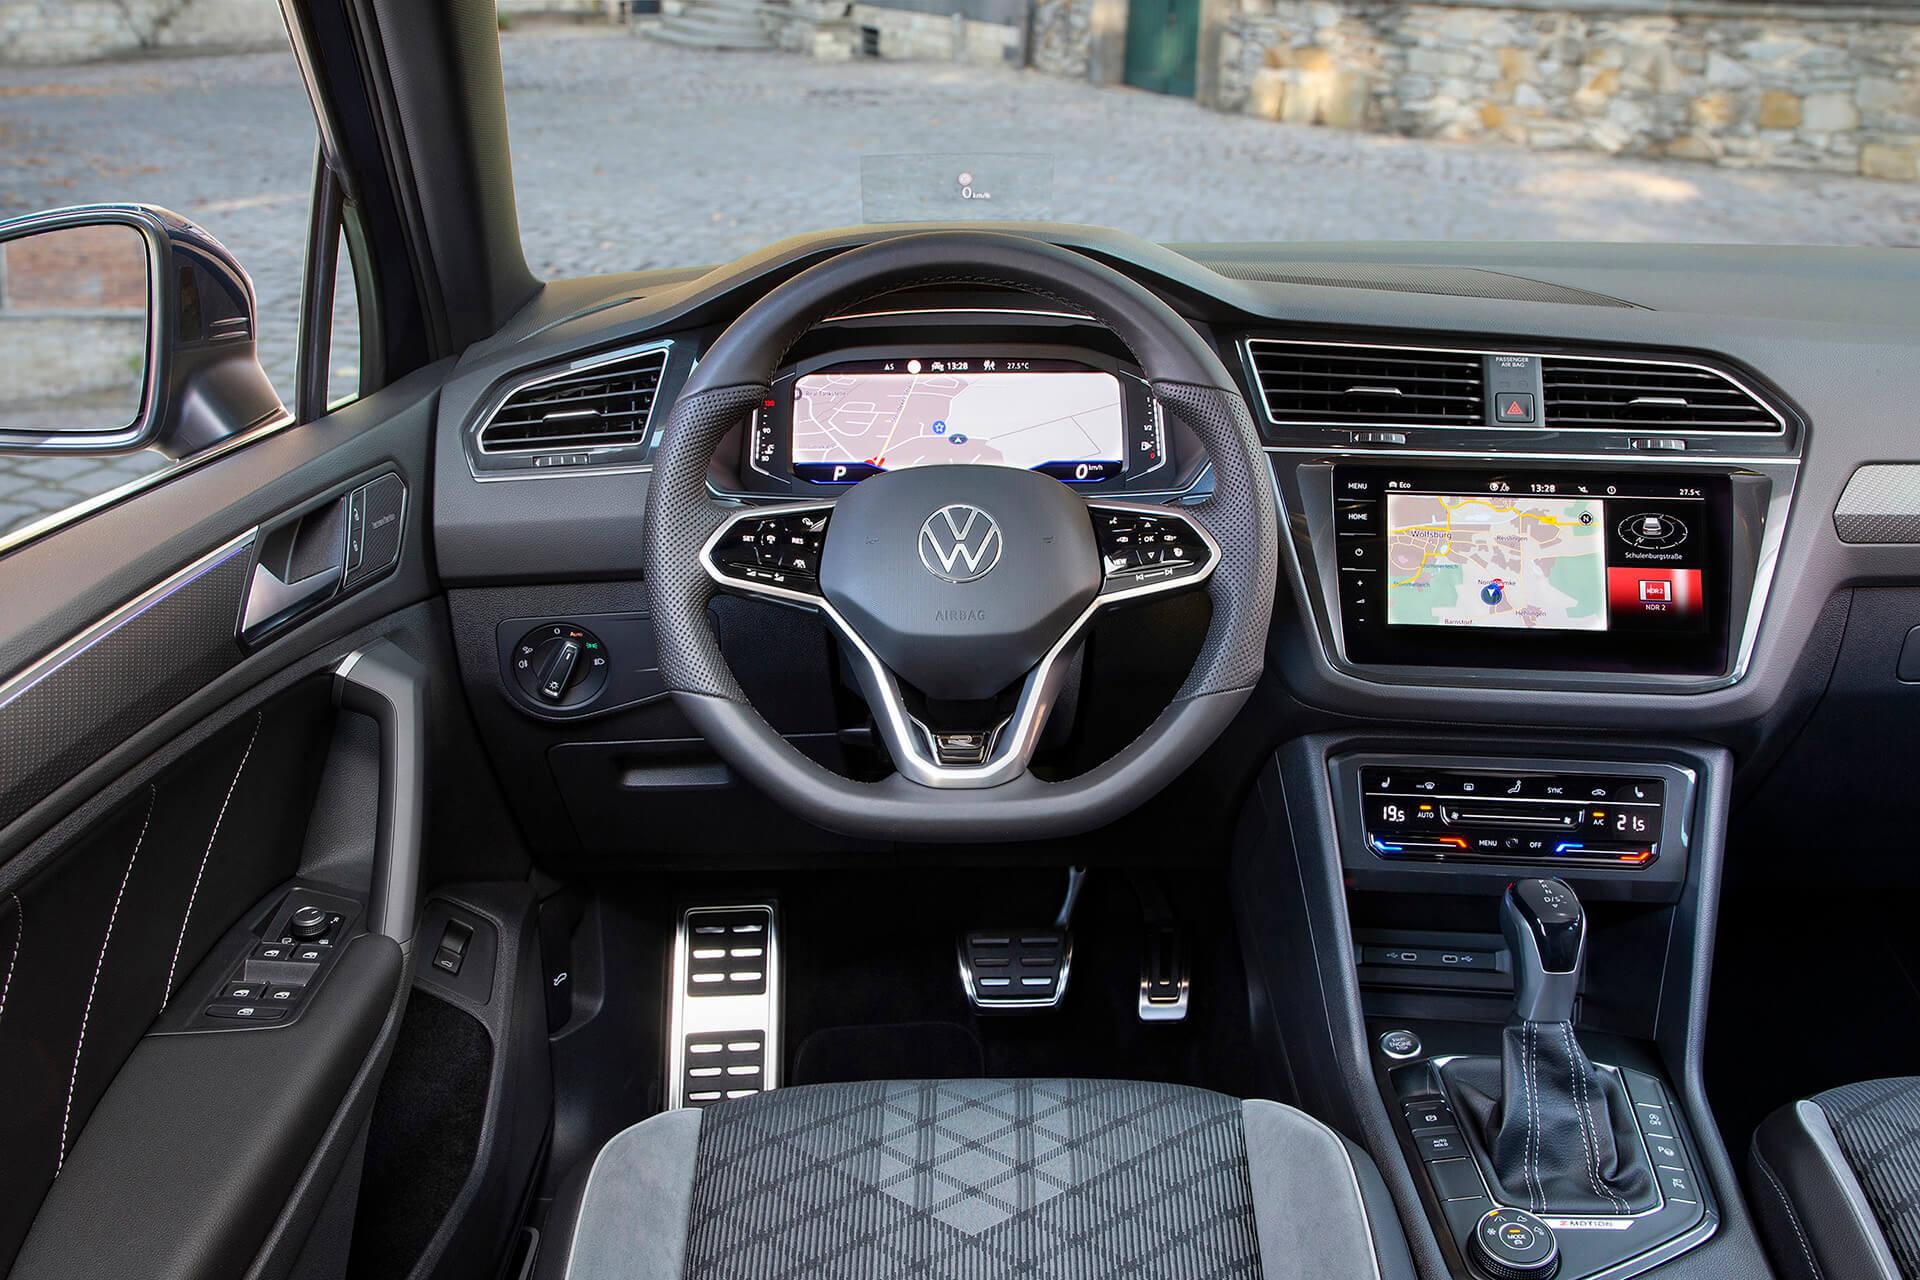 Νέο Volkswagen Tiguan - Εσωτερικό με δερμάτινο πολυλειτουργικό τιμόνι